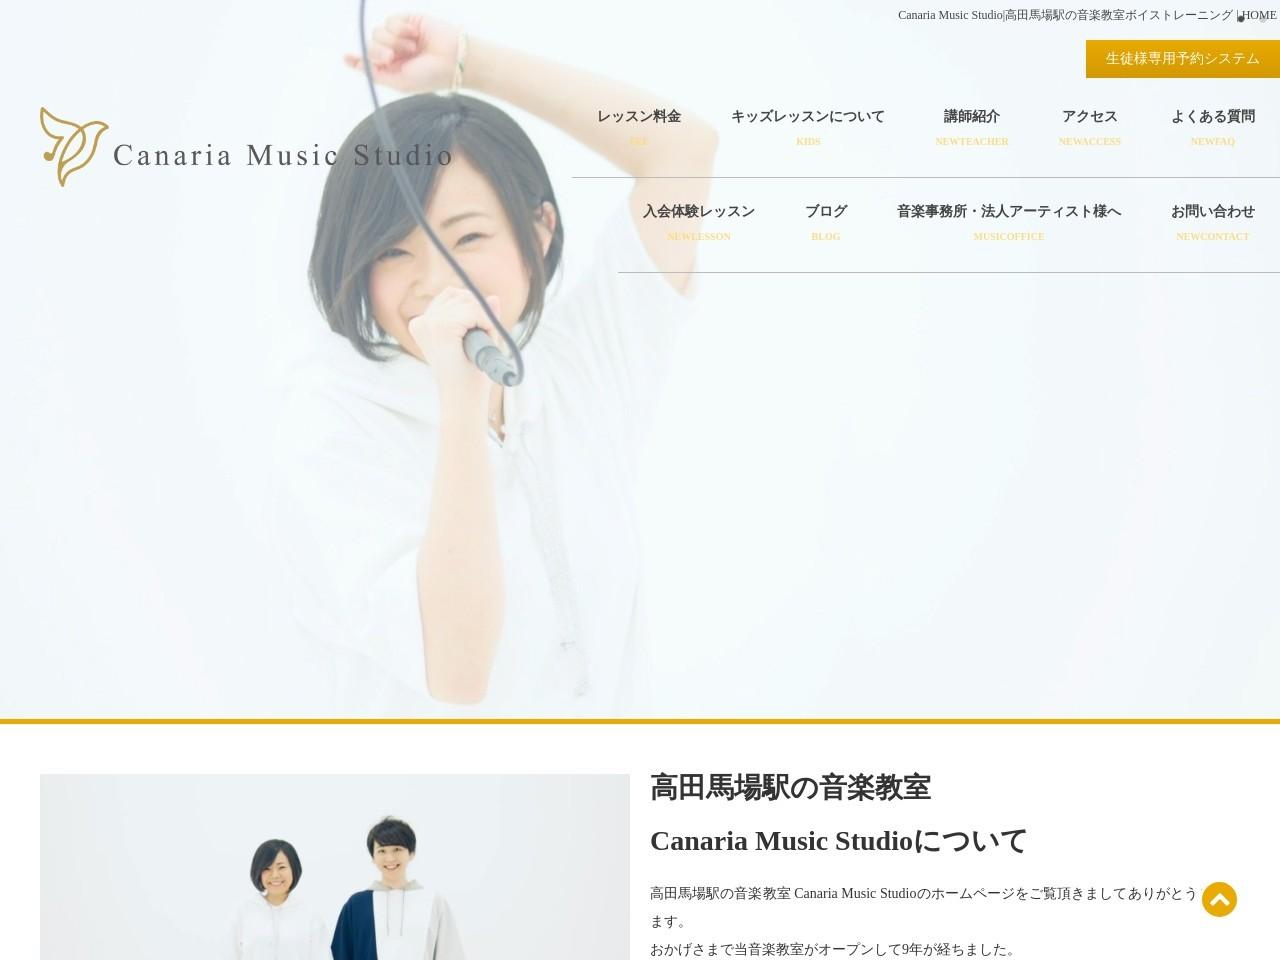 カナリアミュージックスタジオのサムネイル